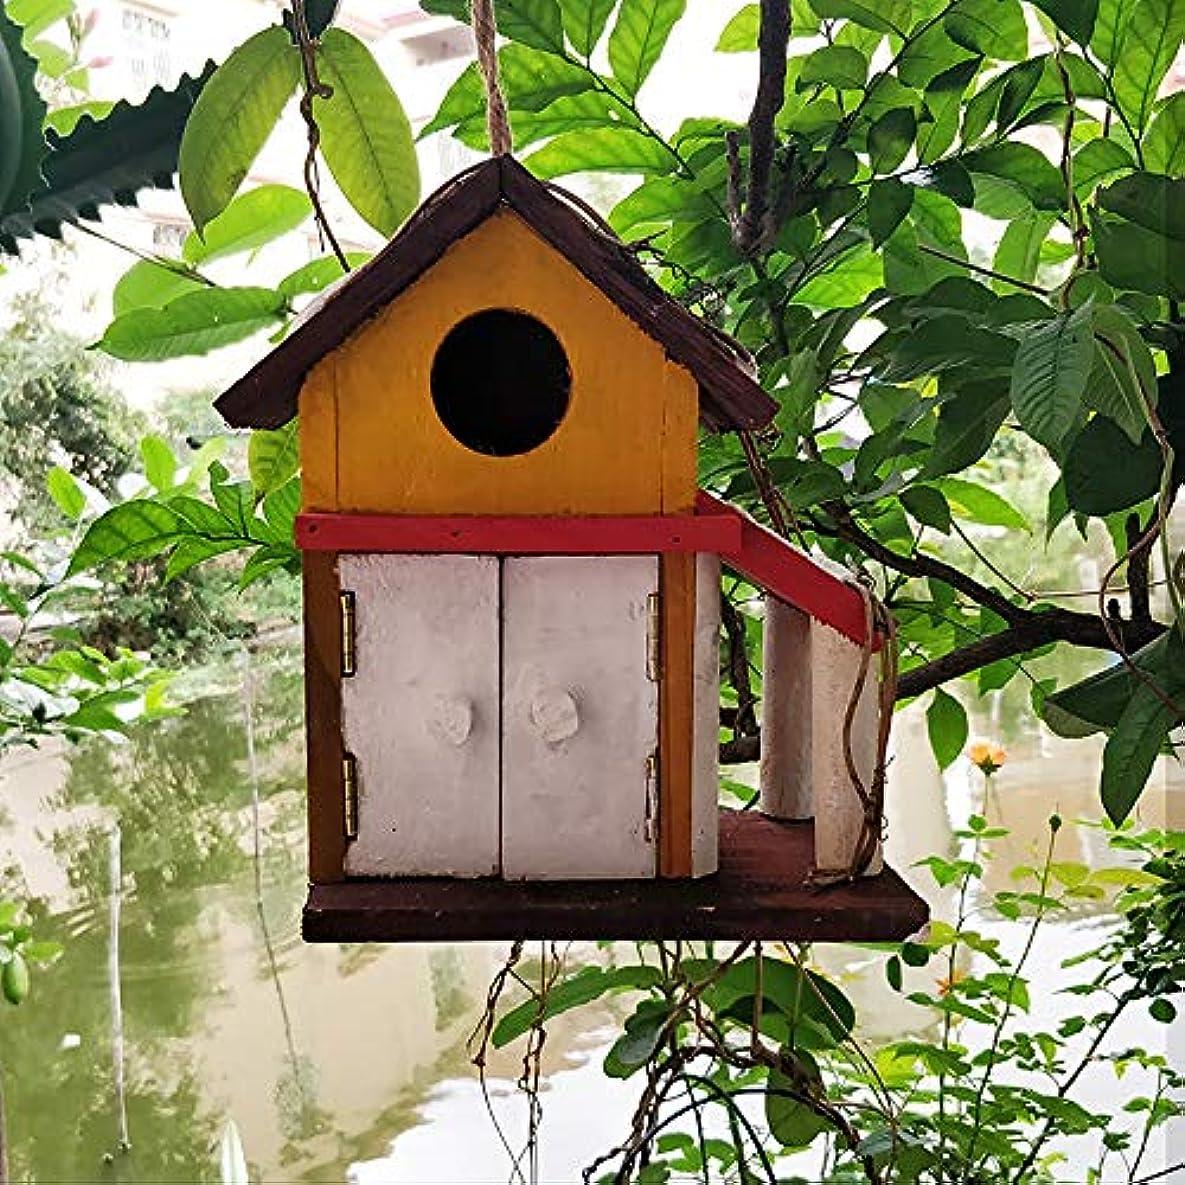 合計ライセンス抹消バードハウス カントリースタイルのコテージバードハウスハンギング装飾のための小さな鳥の巣箱キャビンレトロスティープルクリエイティブ屋外木製巣箱バードハウス 庭の装飾 公園 室内 屋外 (Color : Natural, Size : 19X9.5X21CM)